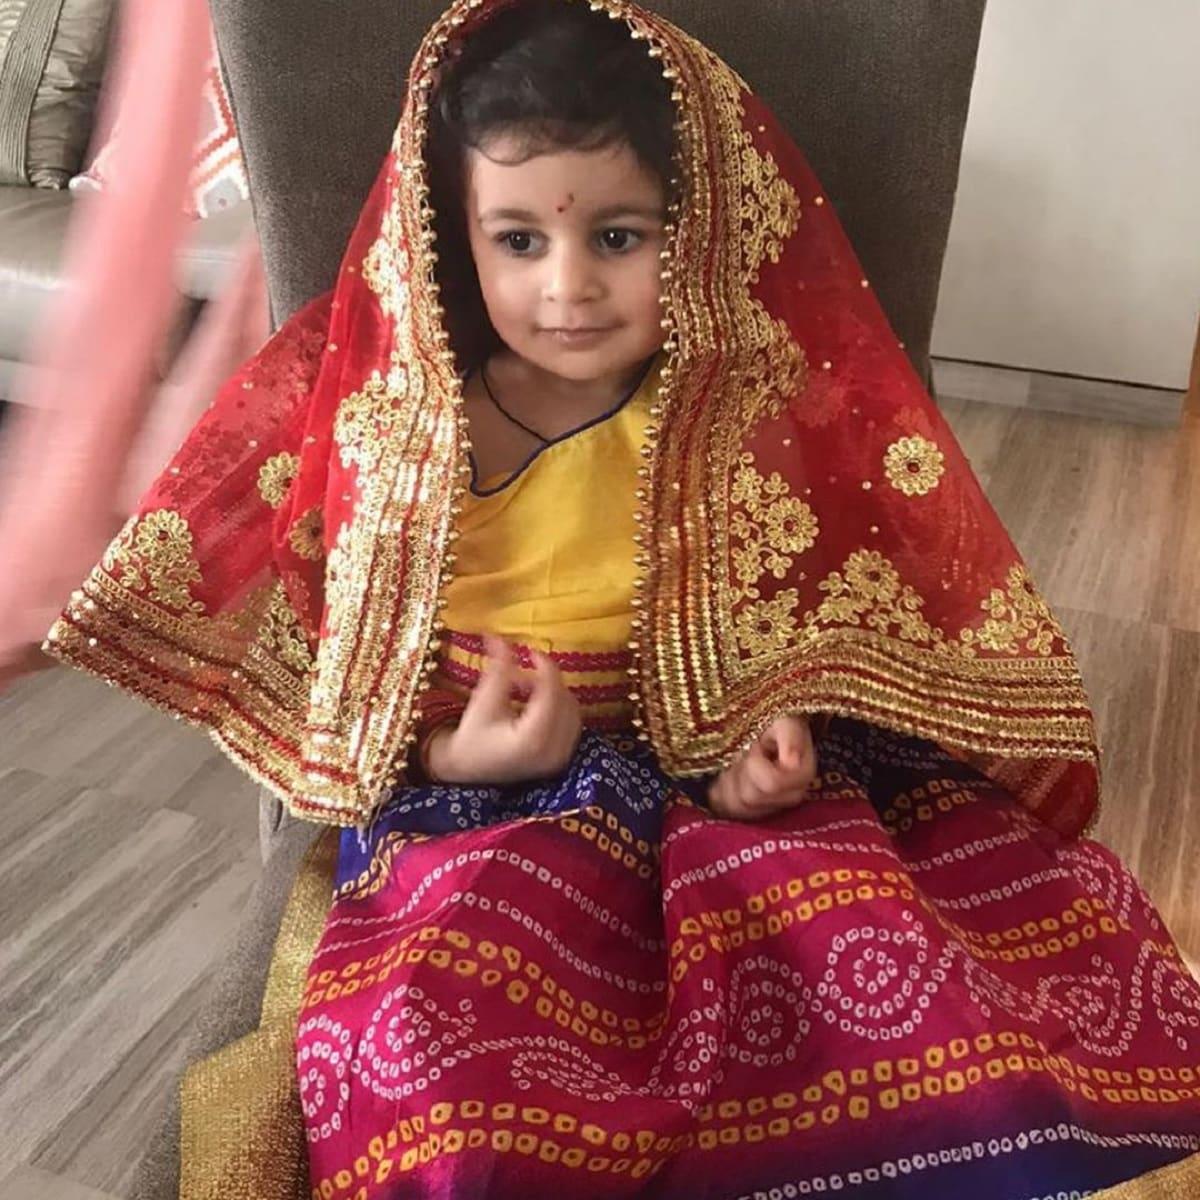 দু'দিন আগেই ছিল লক্ষ্মী পুজো। আর এই দিন নিজের দু'বছরের শিশু কন্যাকে মা লক্ষ্মী সাজিয়ে পুজো করলেন অভিনেতা। photo source Instagram